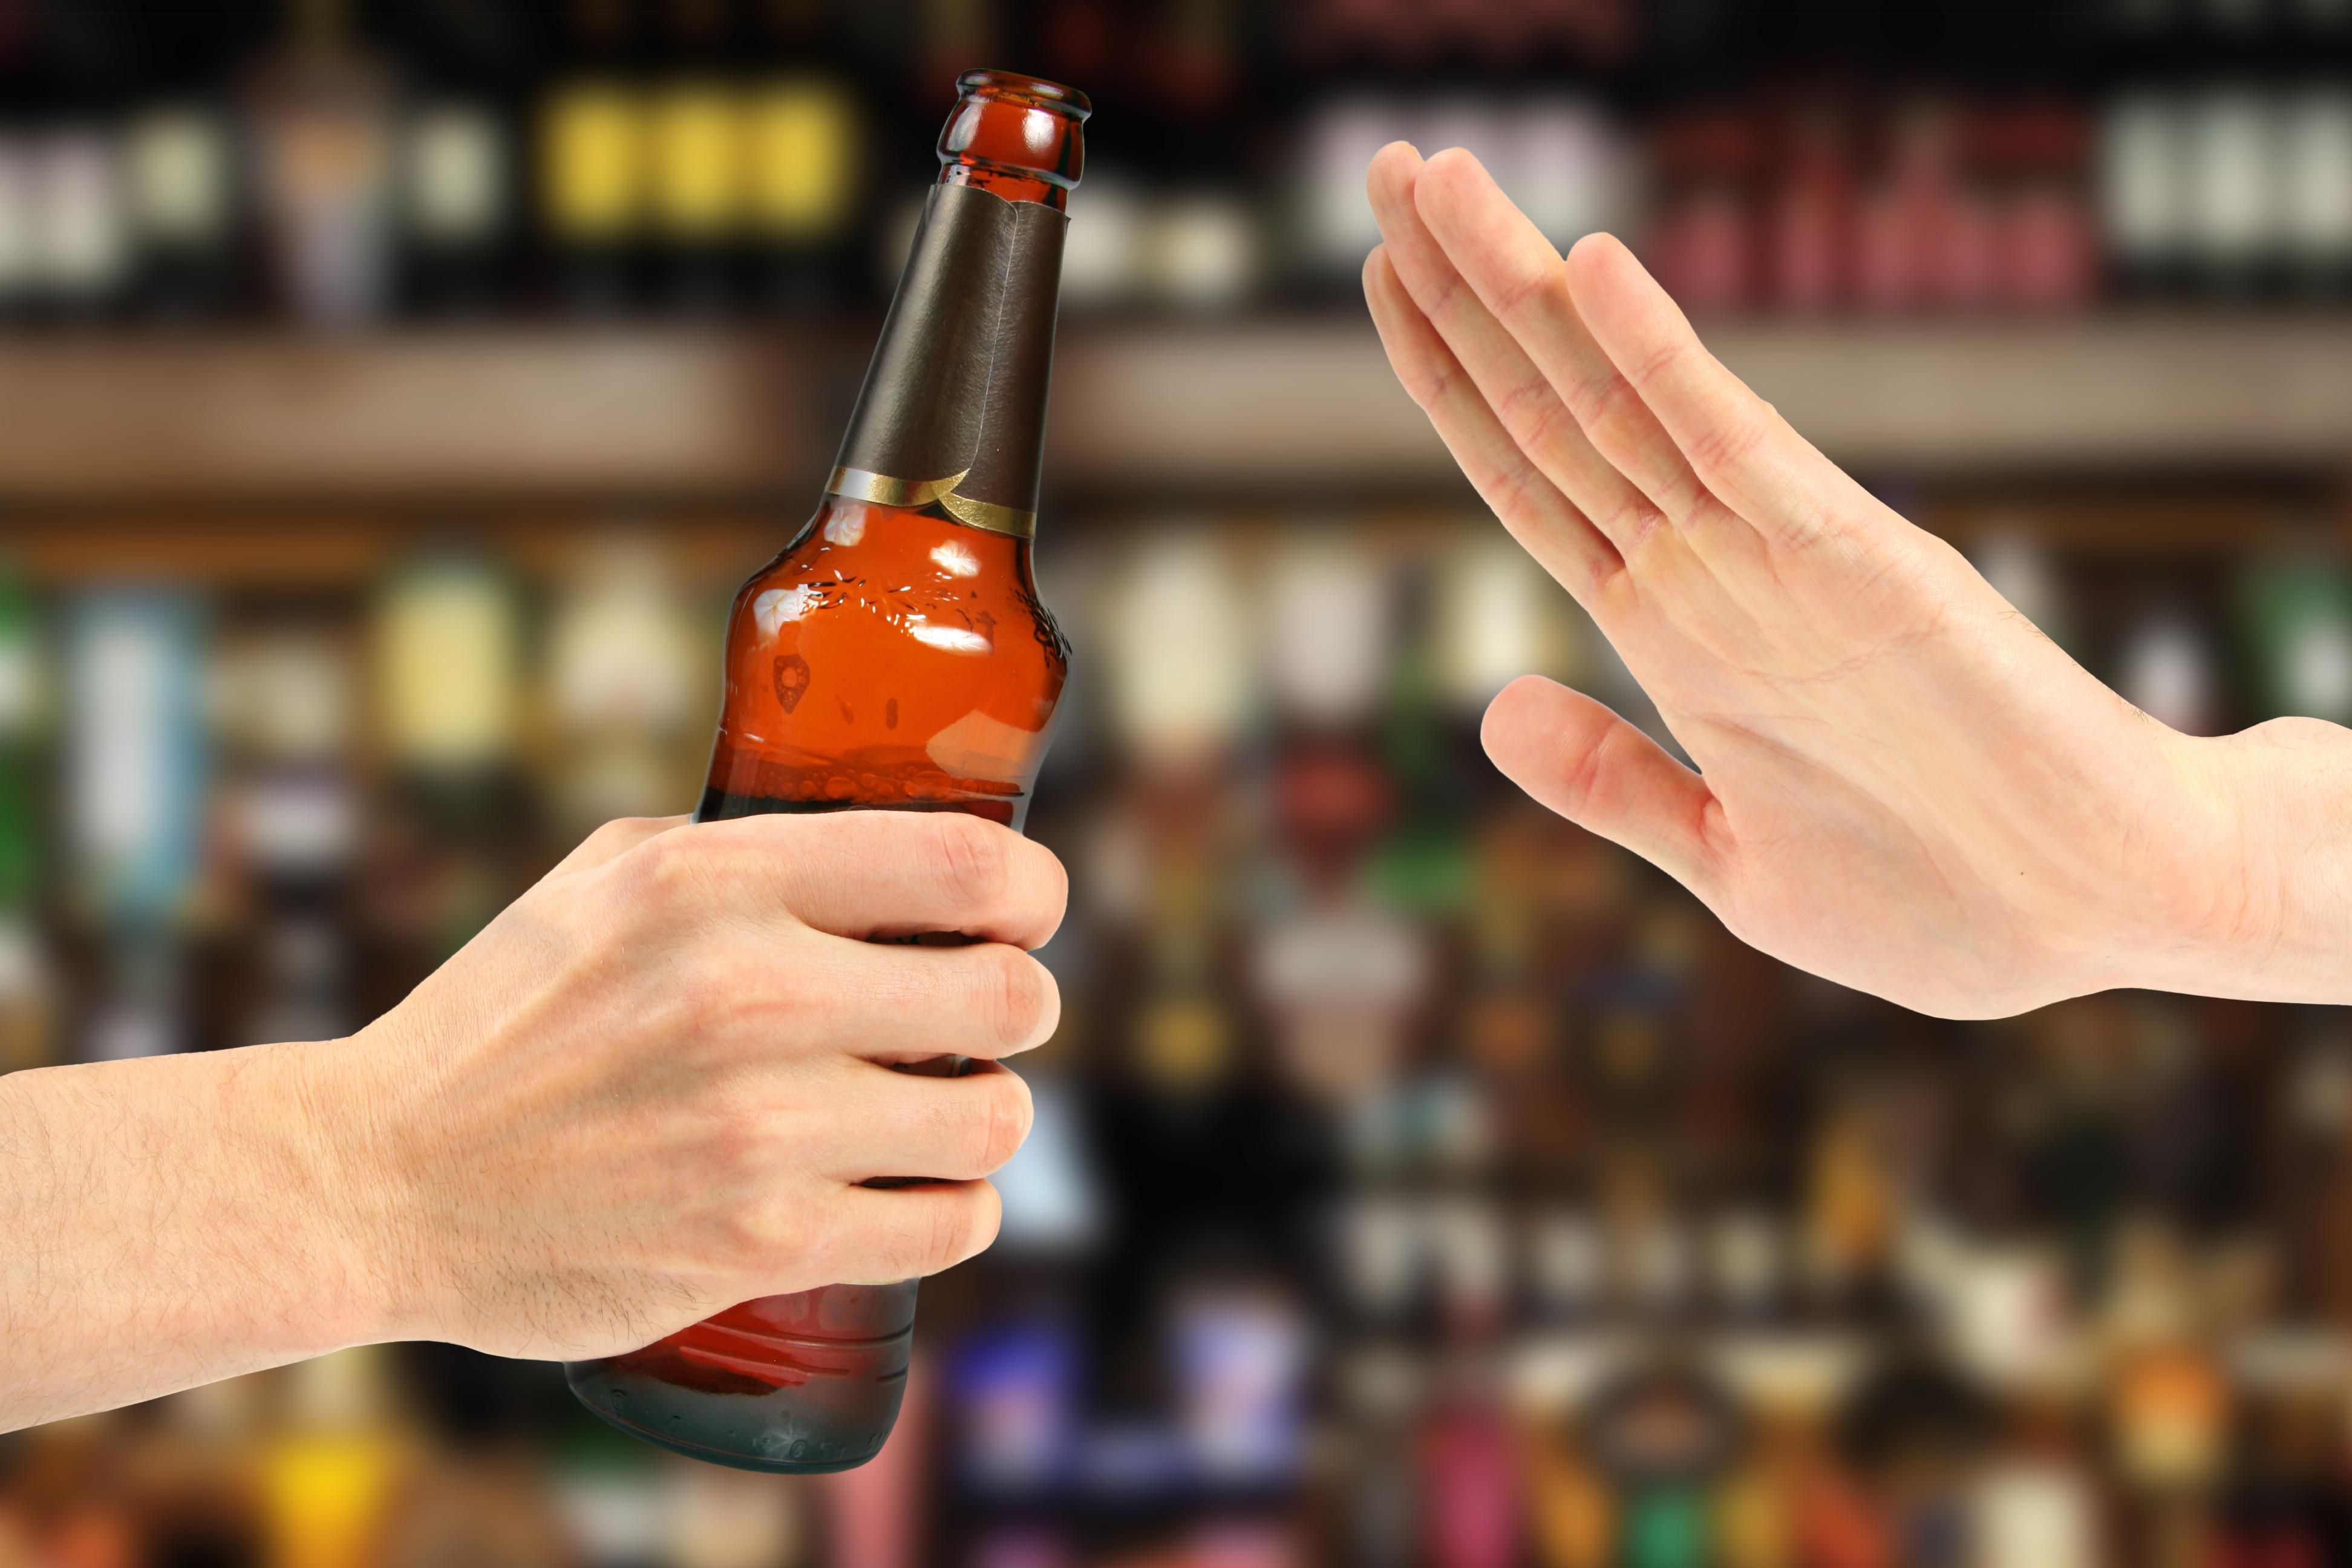 Кожен третій підліток XXI століття уникає алкоголю, дослідження